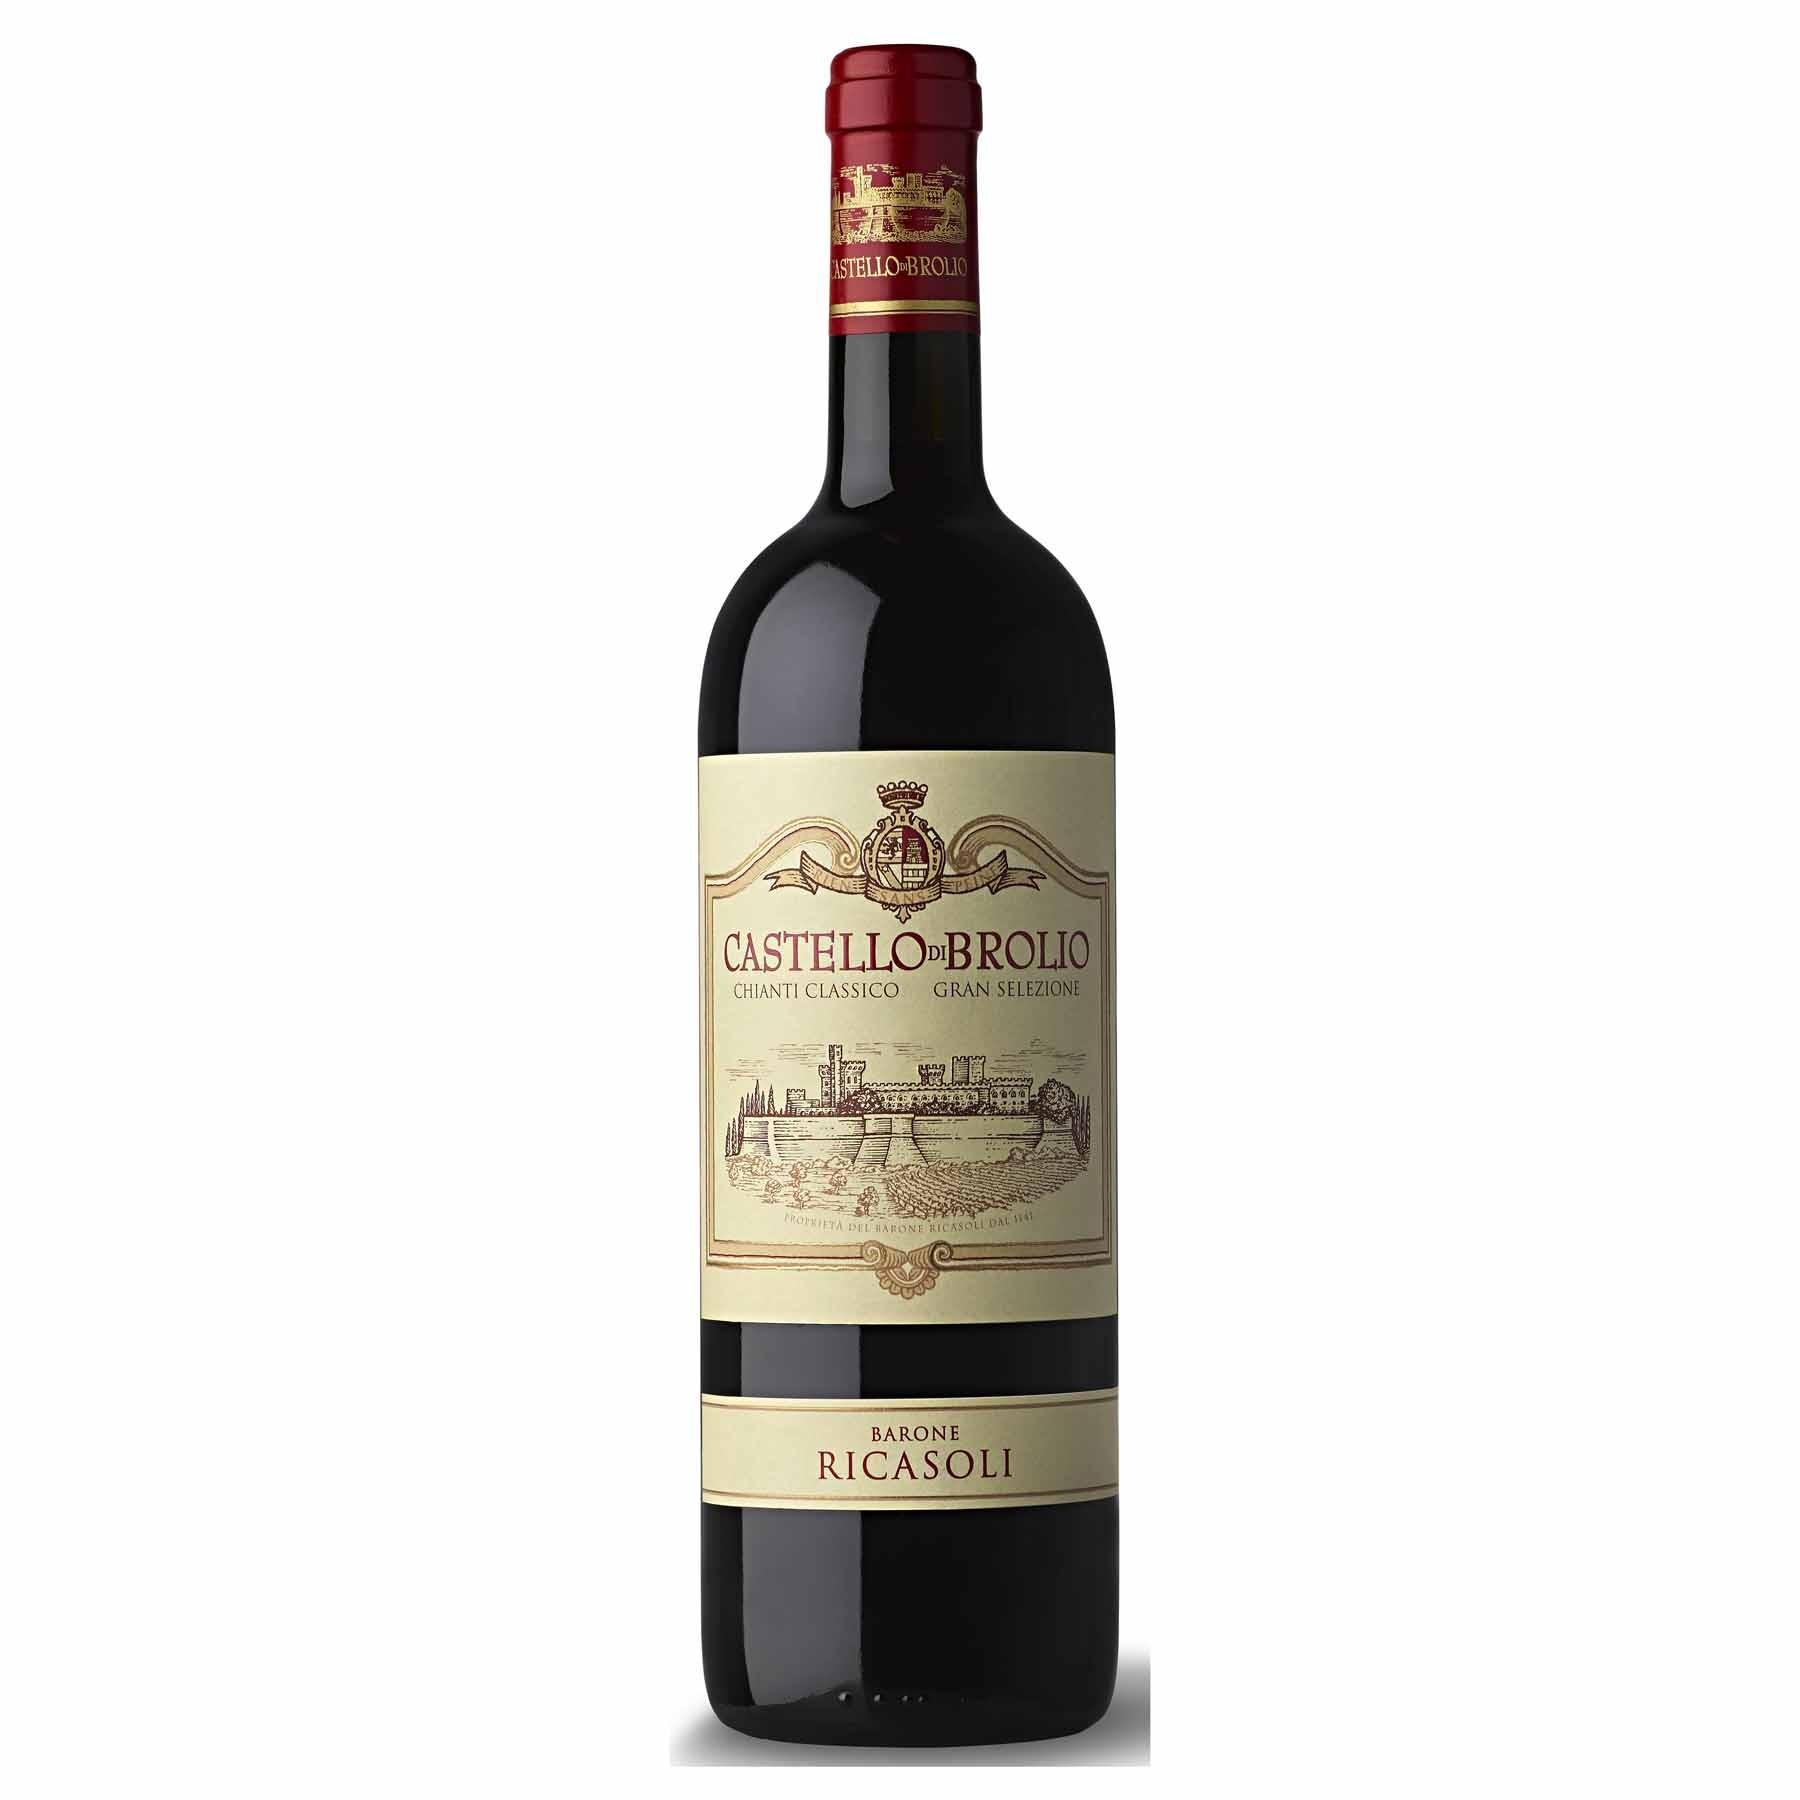 Vinho Tinto Italiano Castello Di Brolio Chianti Classico Ricasoli 2011